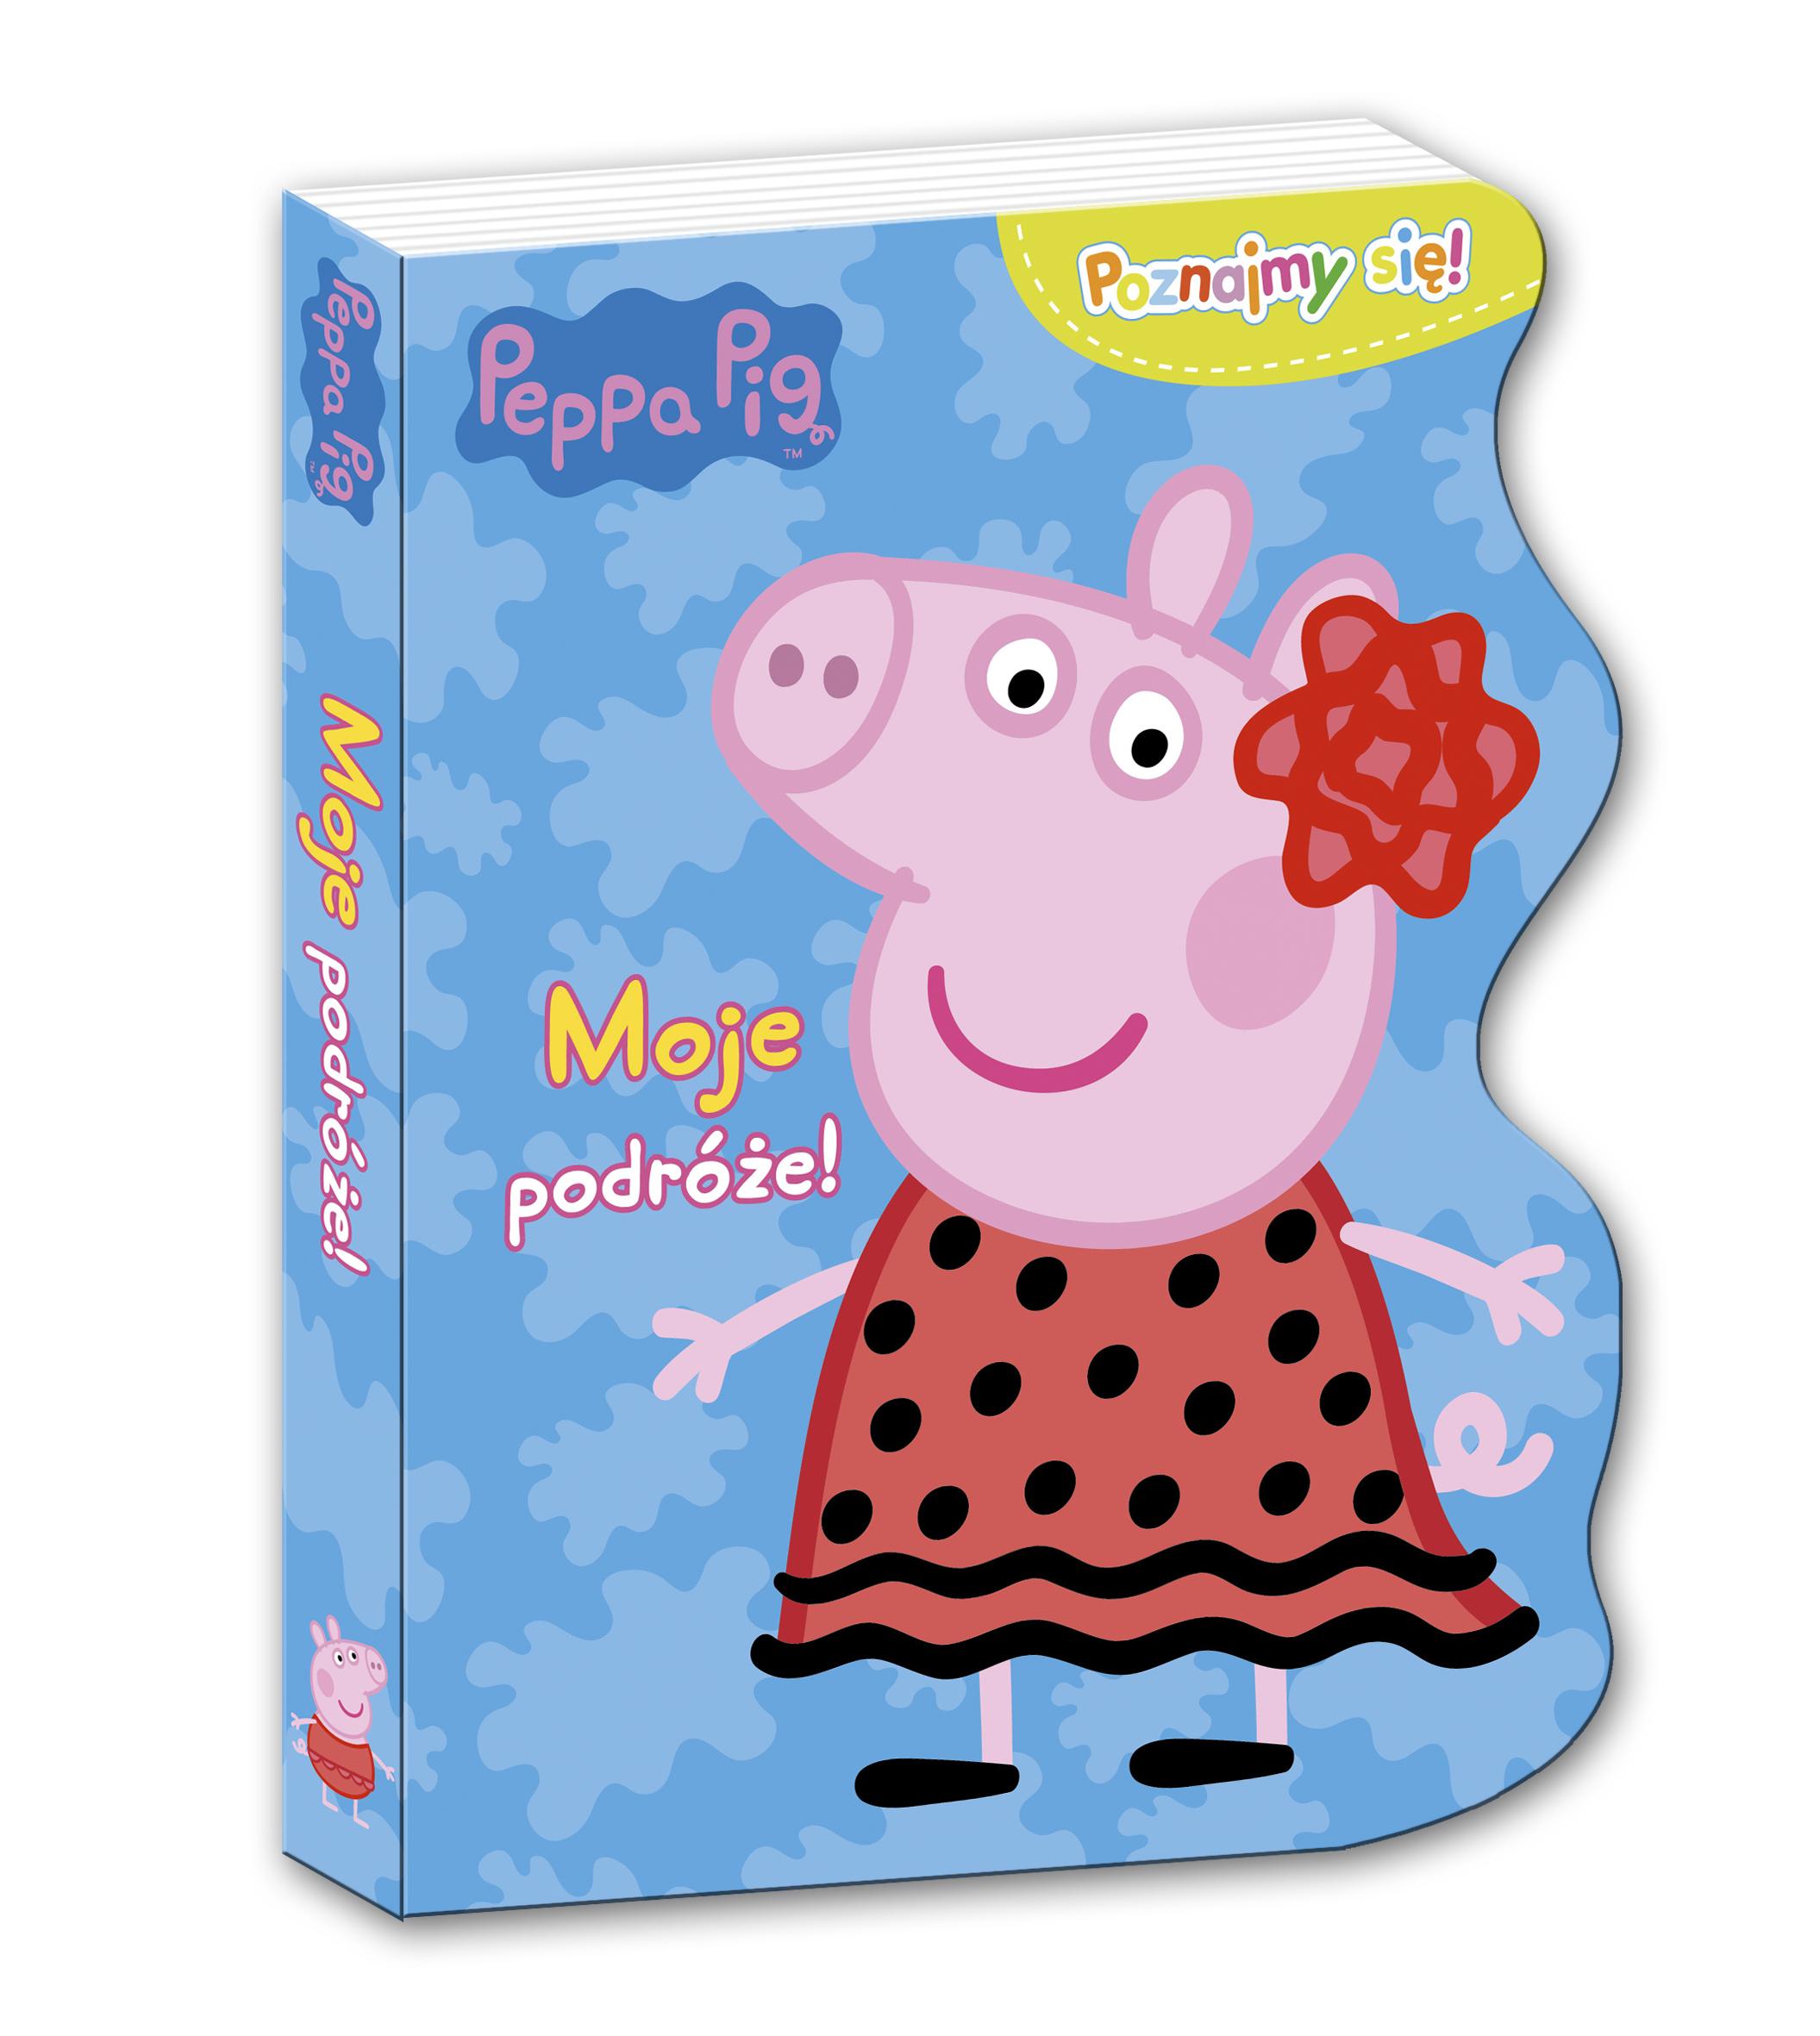 Moje podróże Świnka Peppa poznajmy się